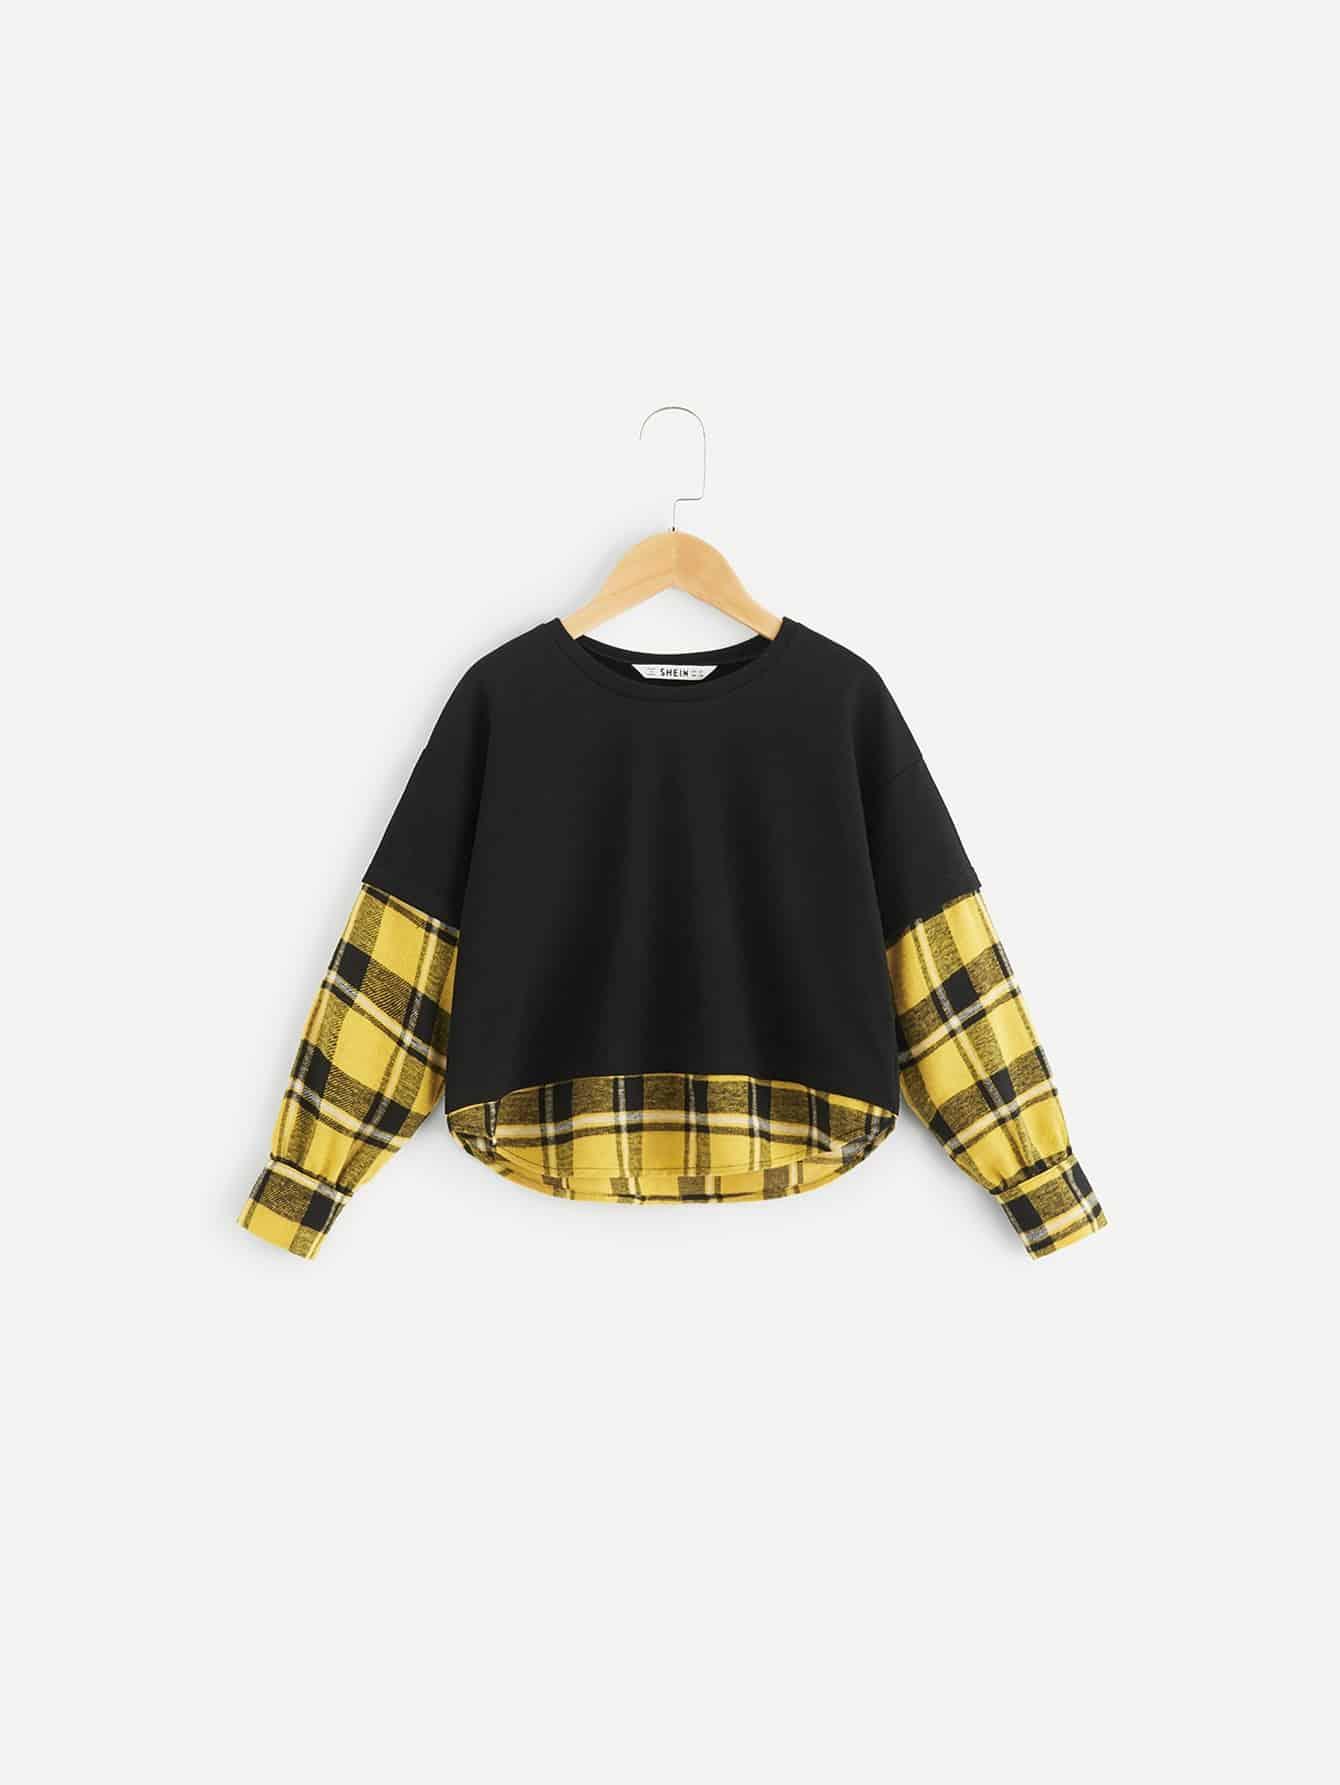 Купить 2 в 1 клетчатая футболка с выгнутым подолом для девочек, null, SheIn